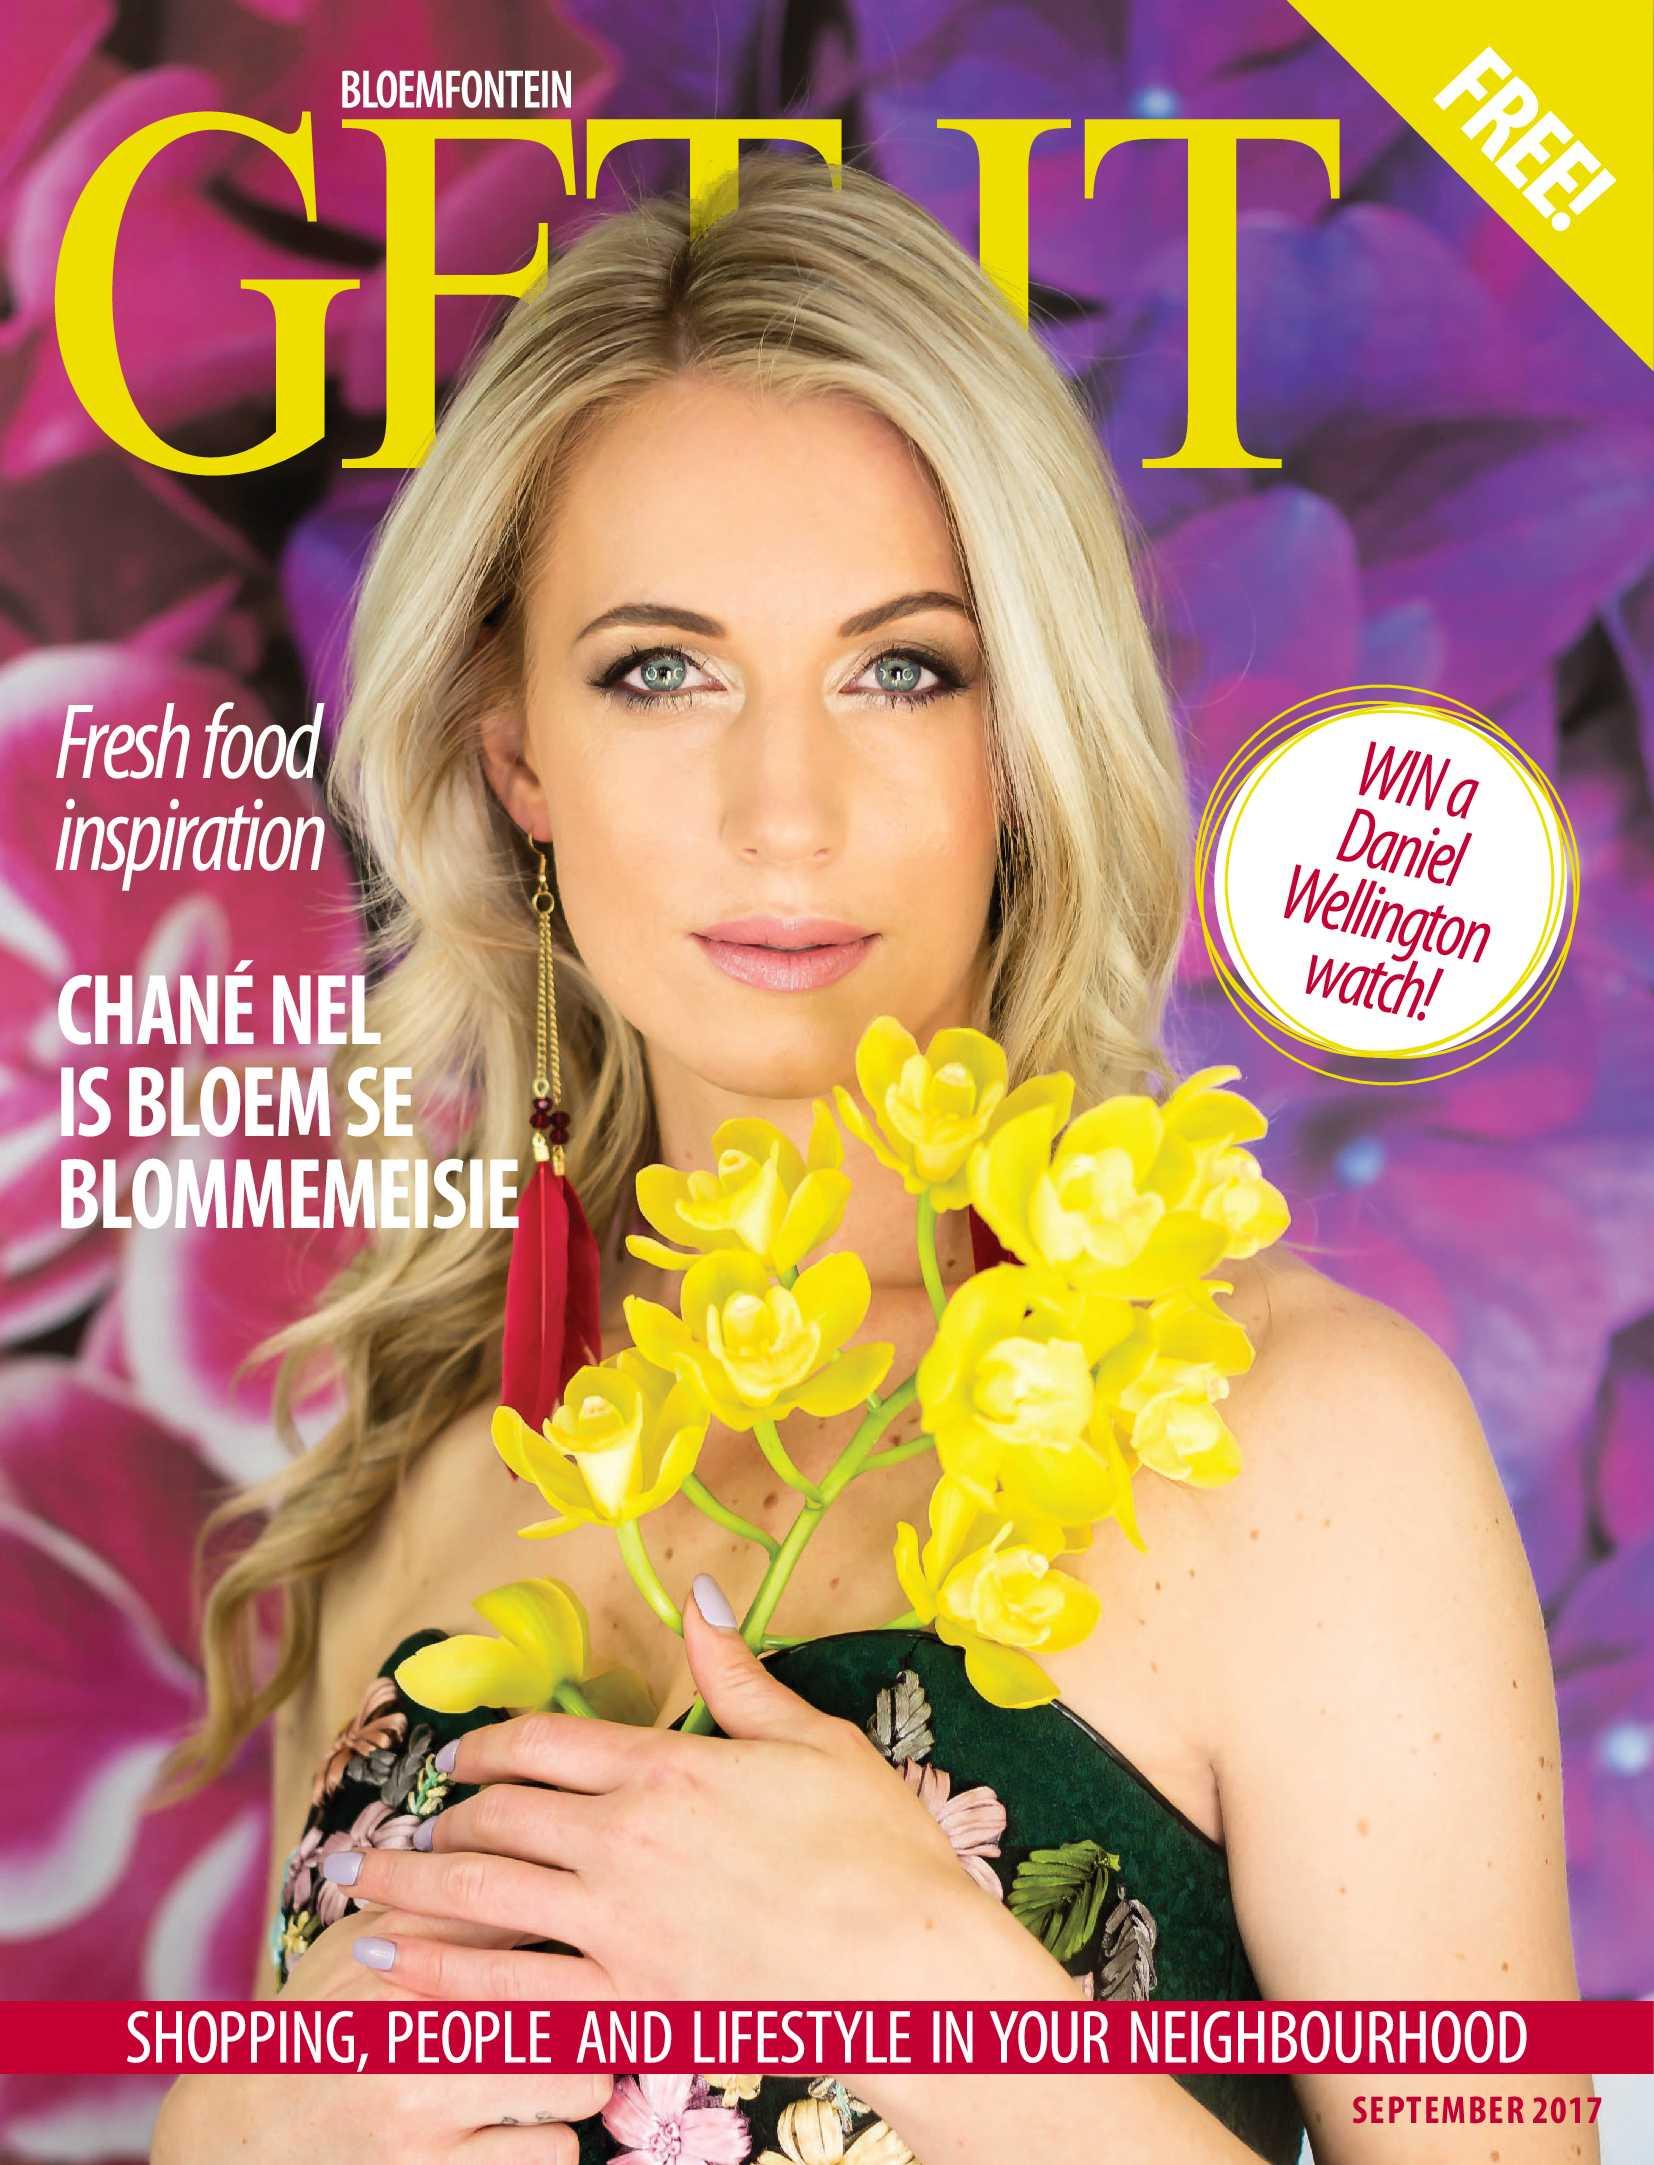 get-bloemfontein-september-2017-epapers-page-1